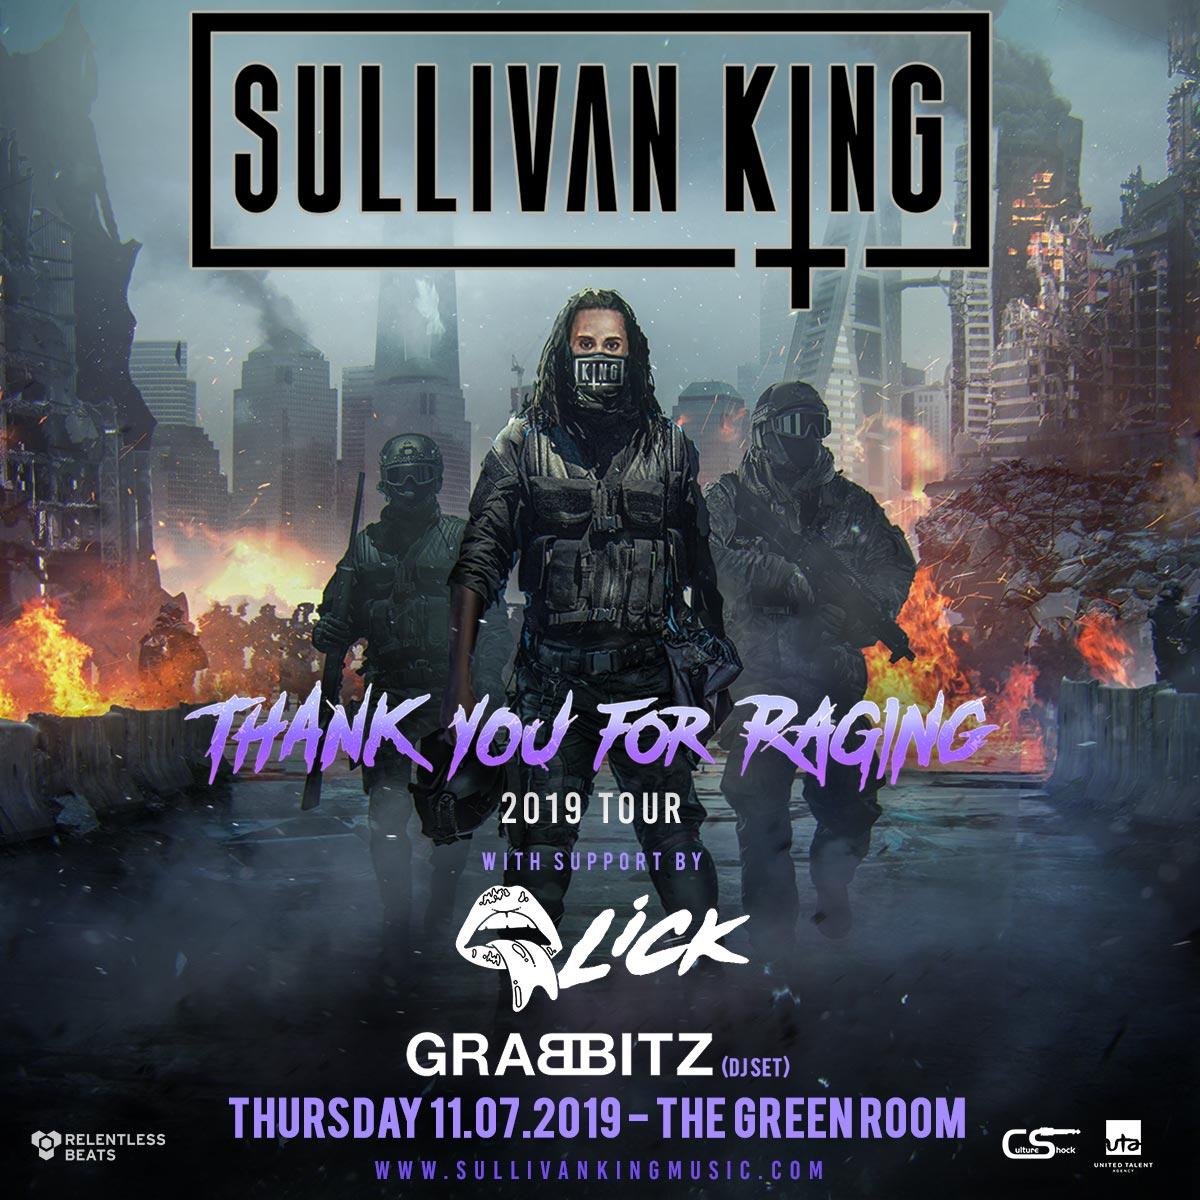 Flyer for Sullivan King